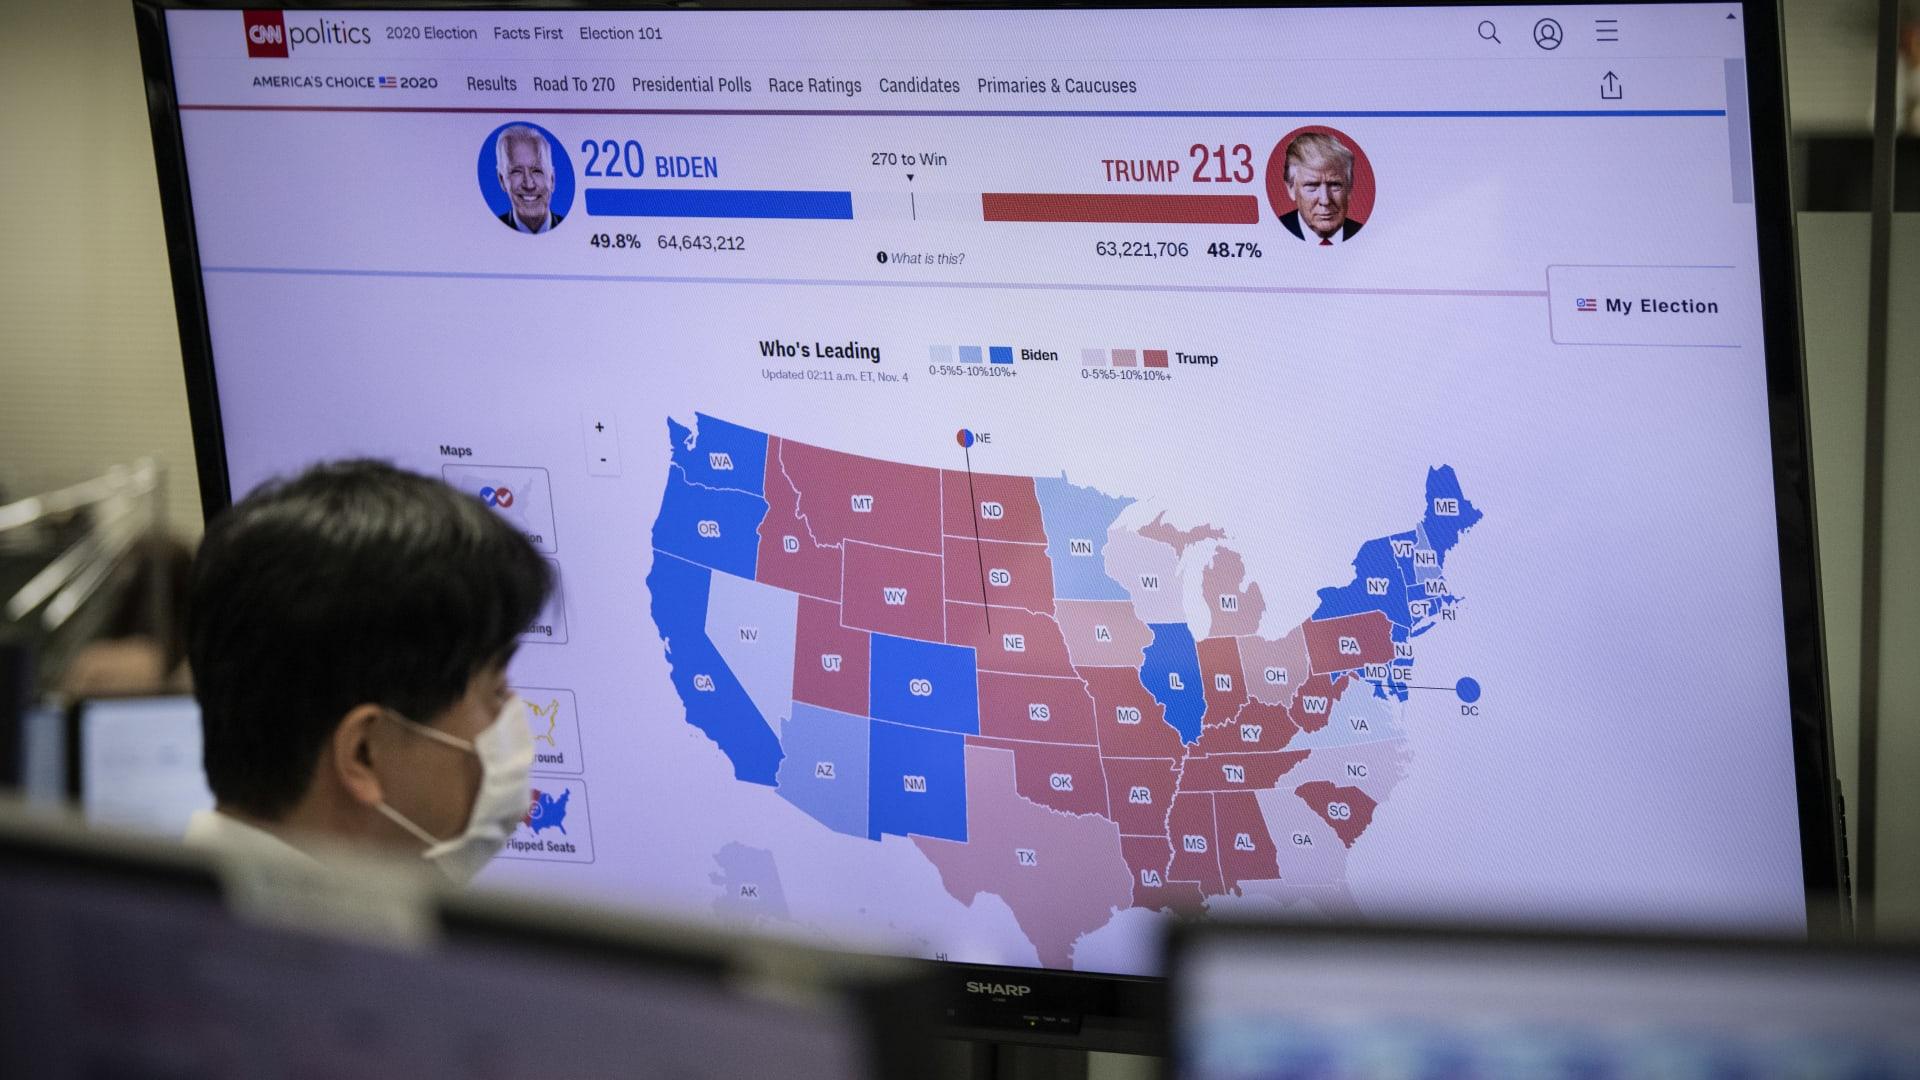 ما هي السيناريوهات المحتملة إذا تنازع ترامب وبايدن على نتائج الانتخابات الأمريكية؟